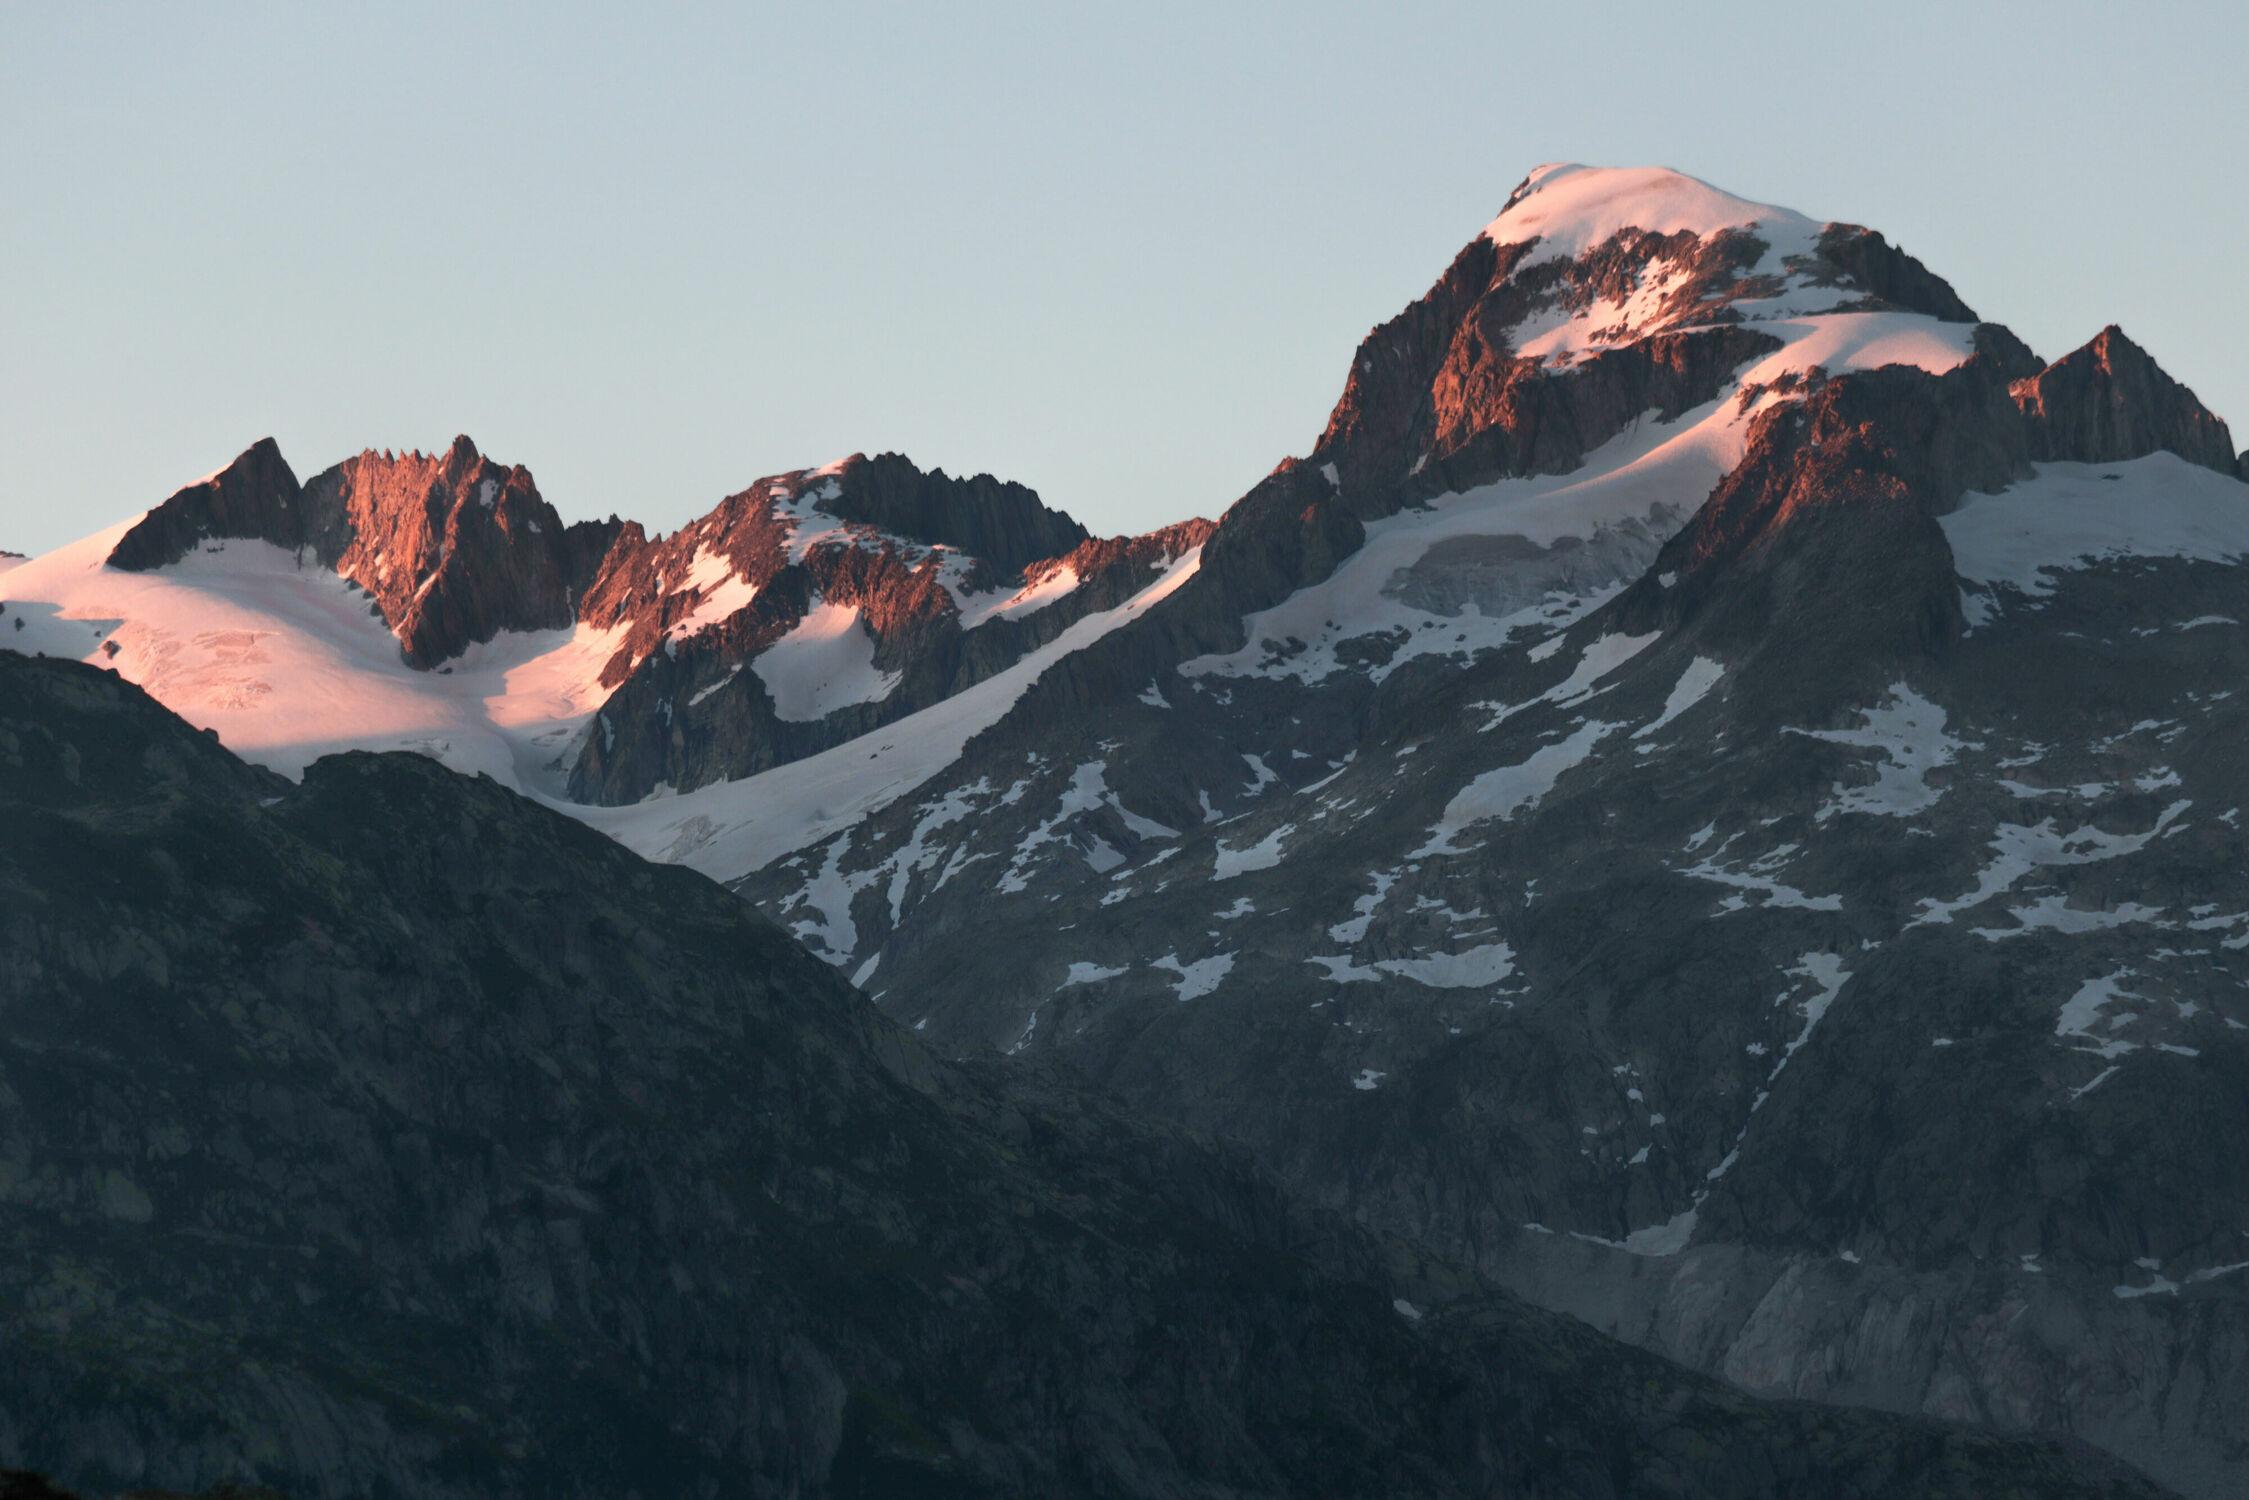 Bild mit Berge, Swiss Mountain, Abendlicht